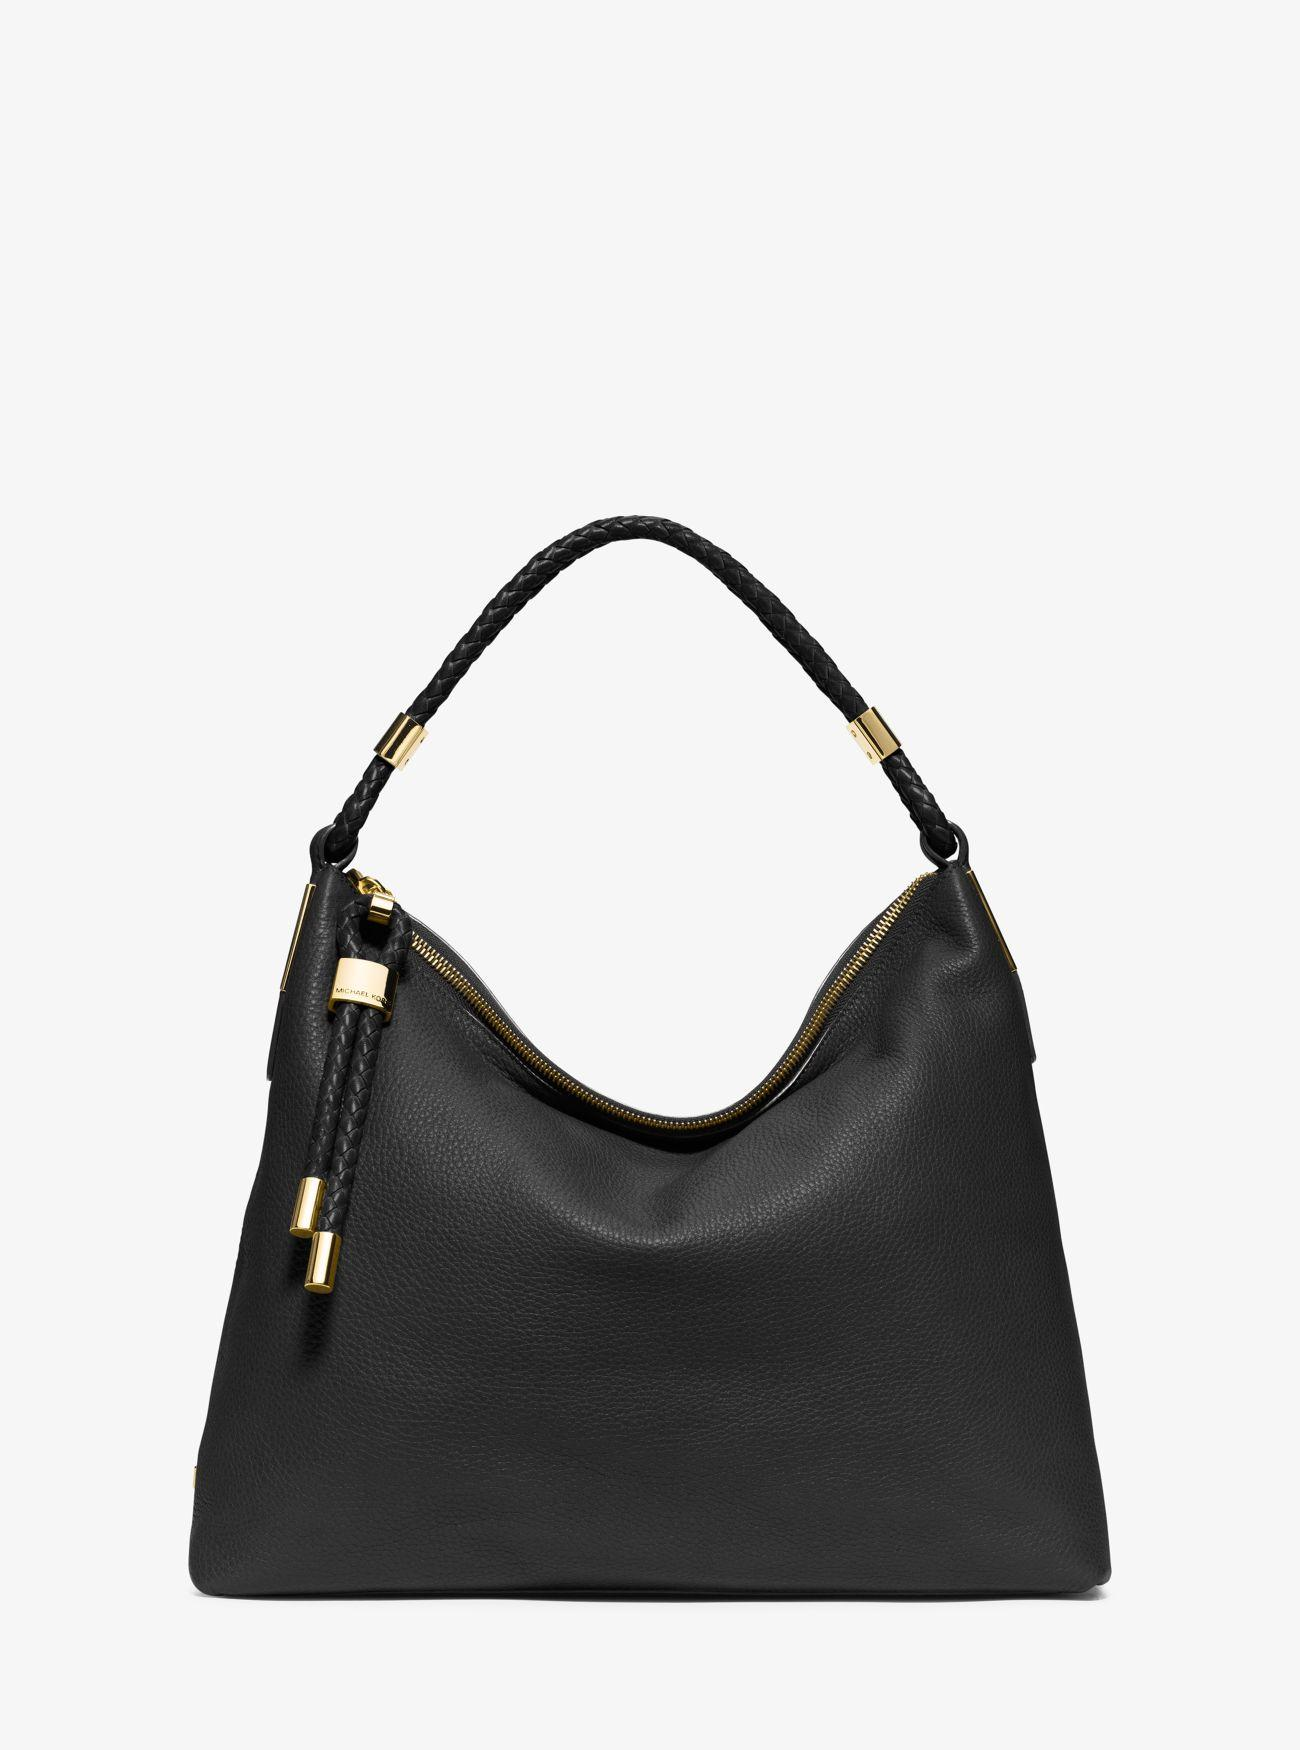 adc054070f4 Michael Kors Skorpios Top-zip Leather Shoulder Bag in Black - Lyst